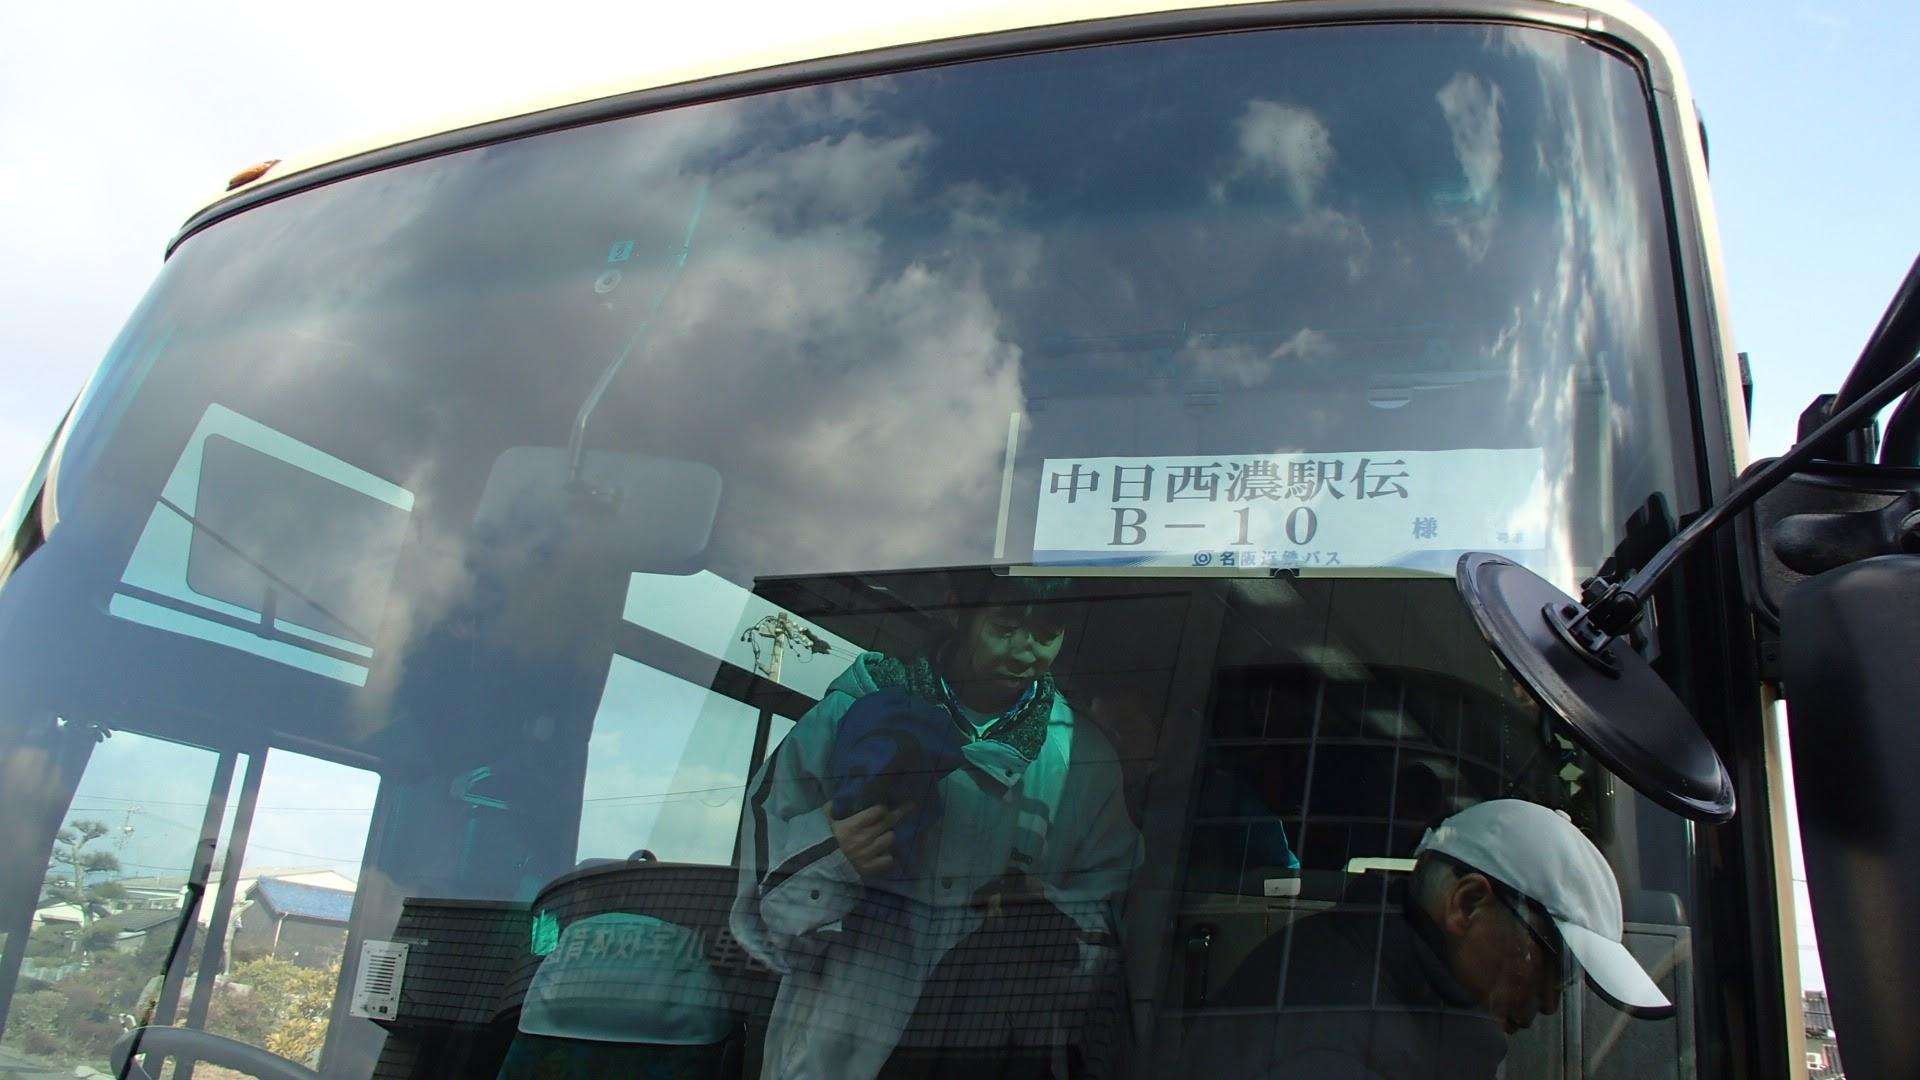 バスに乗って移動